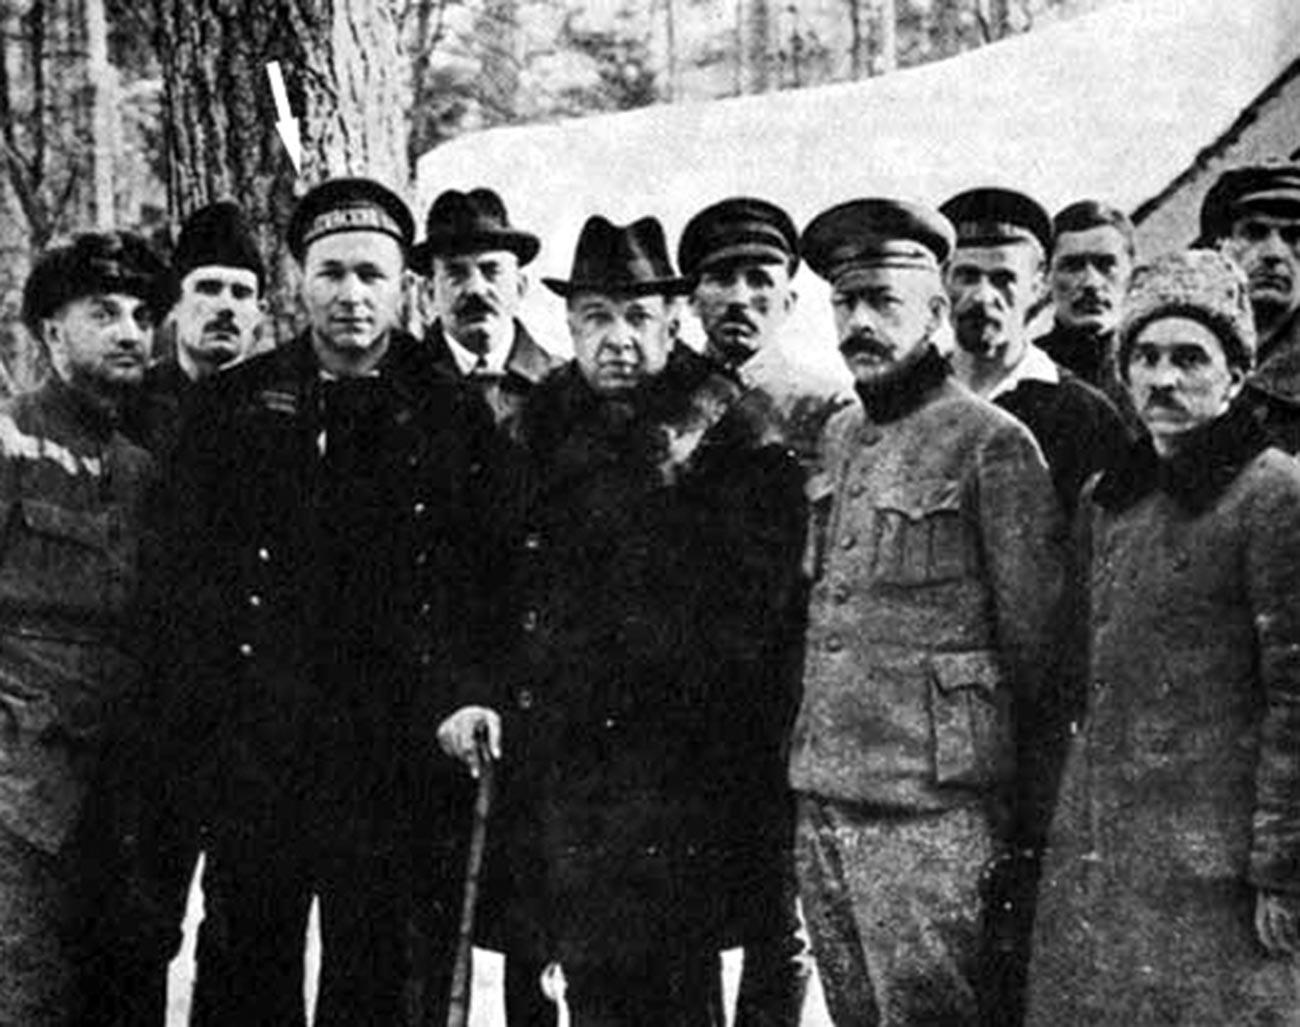 Stepan Petritchenko, chef de la rébellion de Cronstadt parmi les opposants et les émigrants russes en Finlande